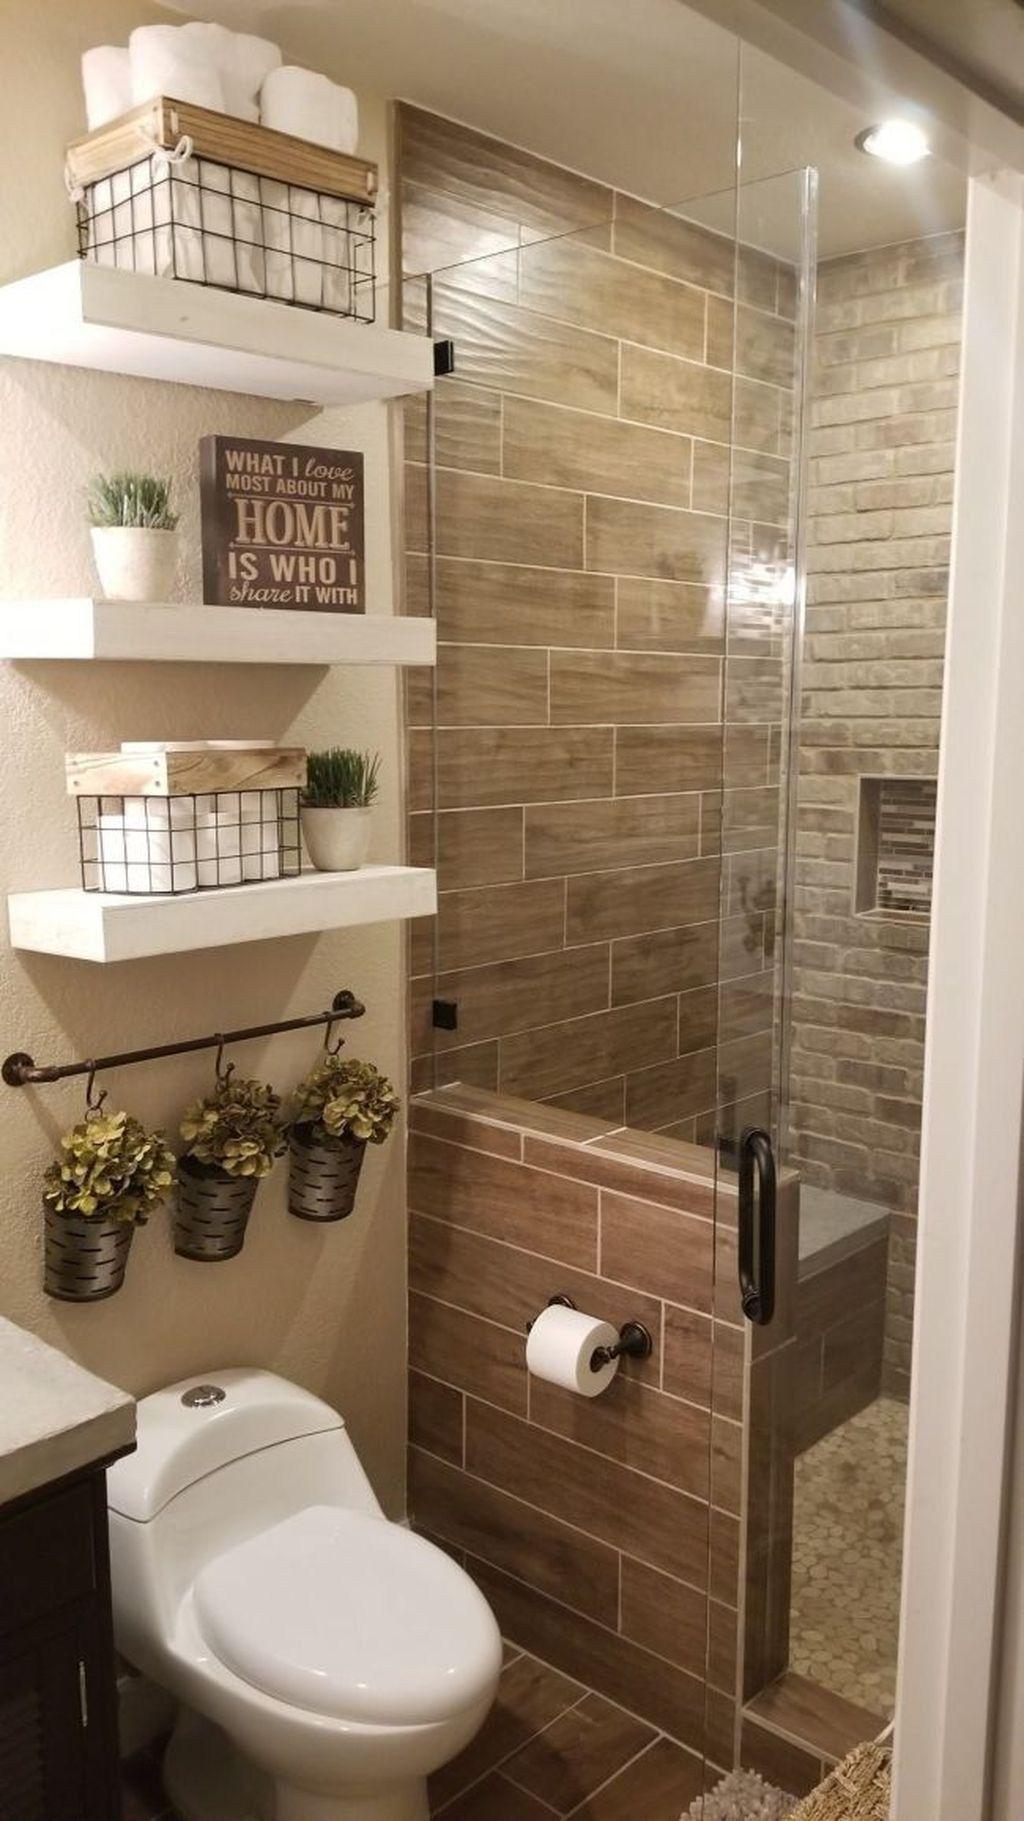 48 Classy Small Bathroom Ideas Bathroom Decor Apartment